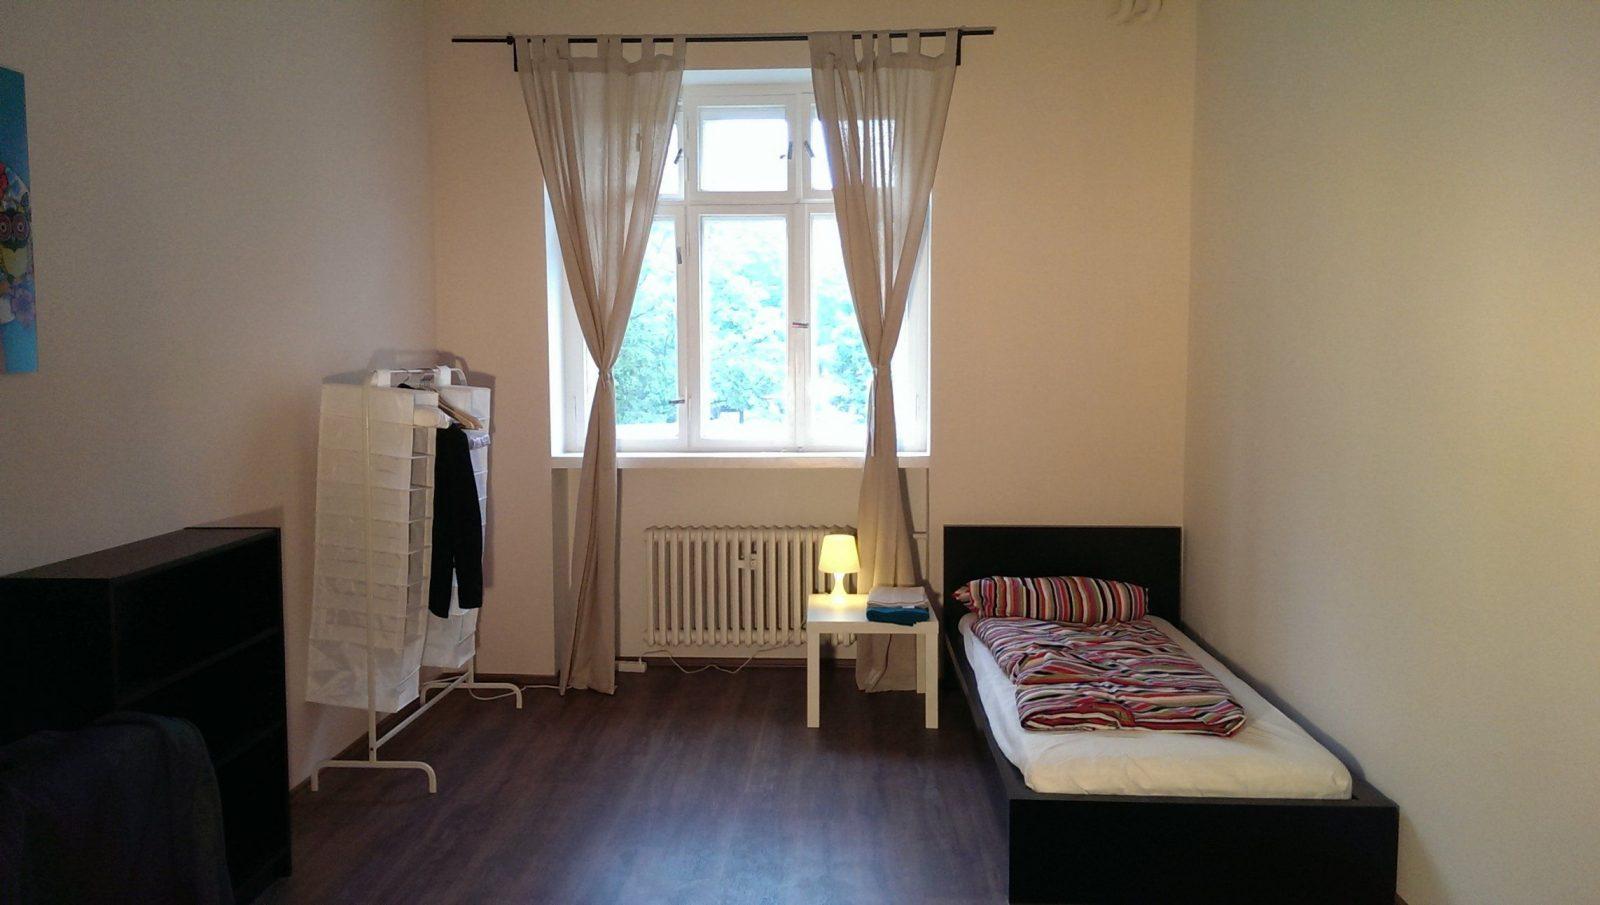 11 Qm Zimmer Einrichten Alles Über Wohndesign Und Möbelideen Avec 8 von 13 Qm Zimmer Einrichten Photo